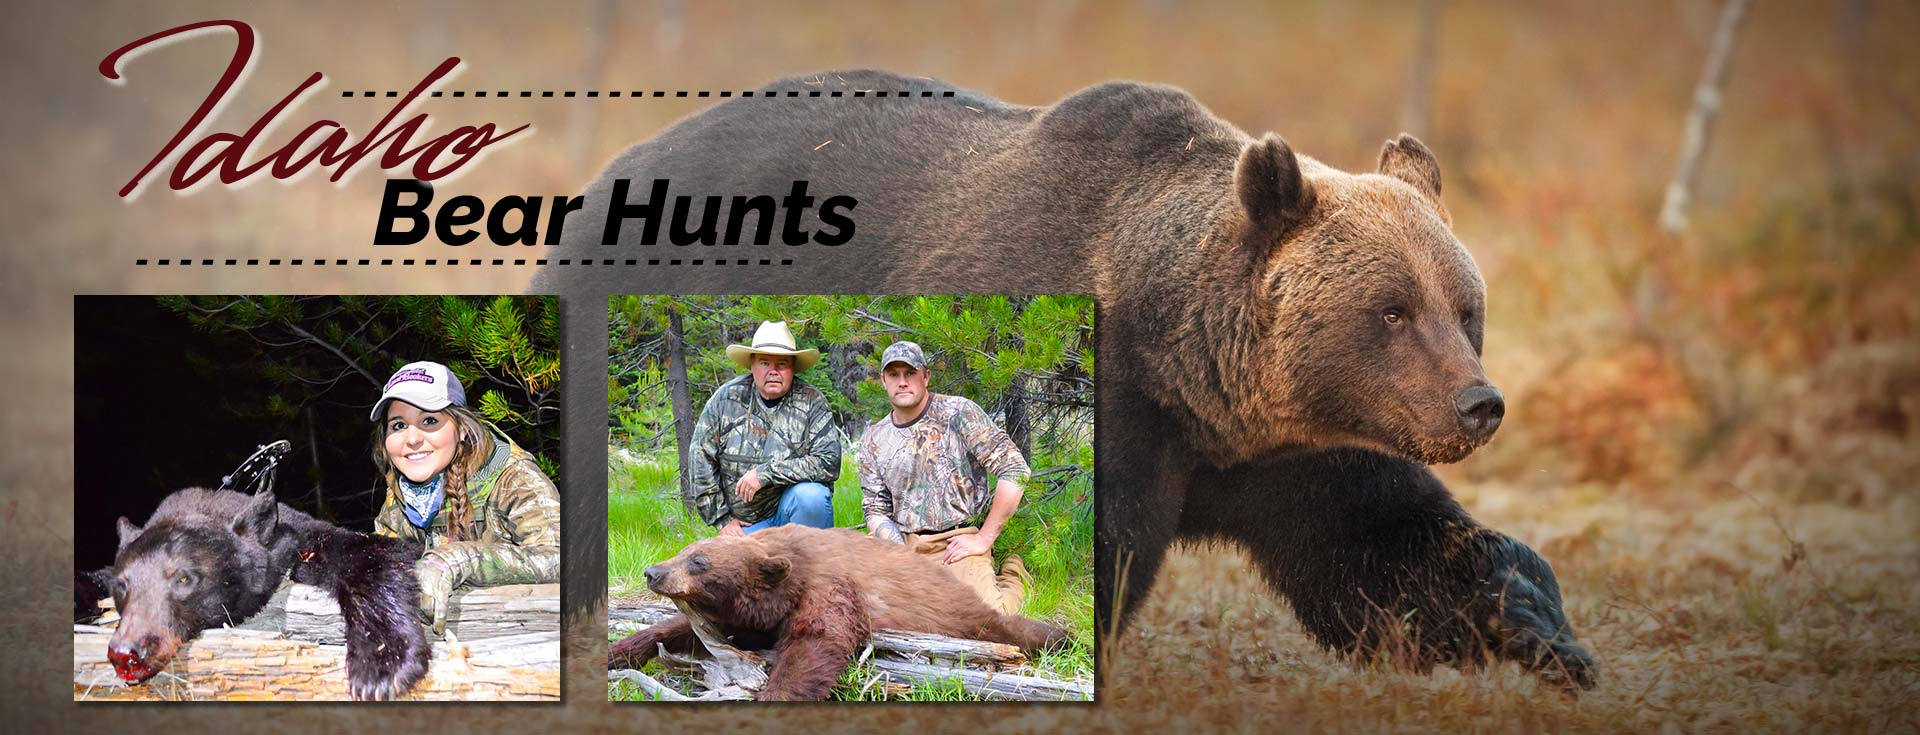 Idaho Black Bear Hunts Bear Hunting Guide Idaho